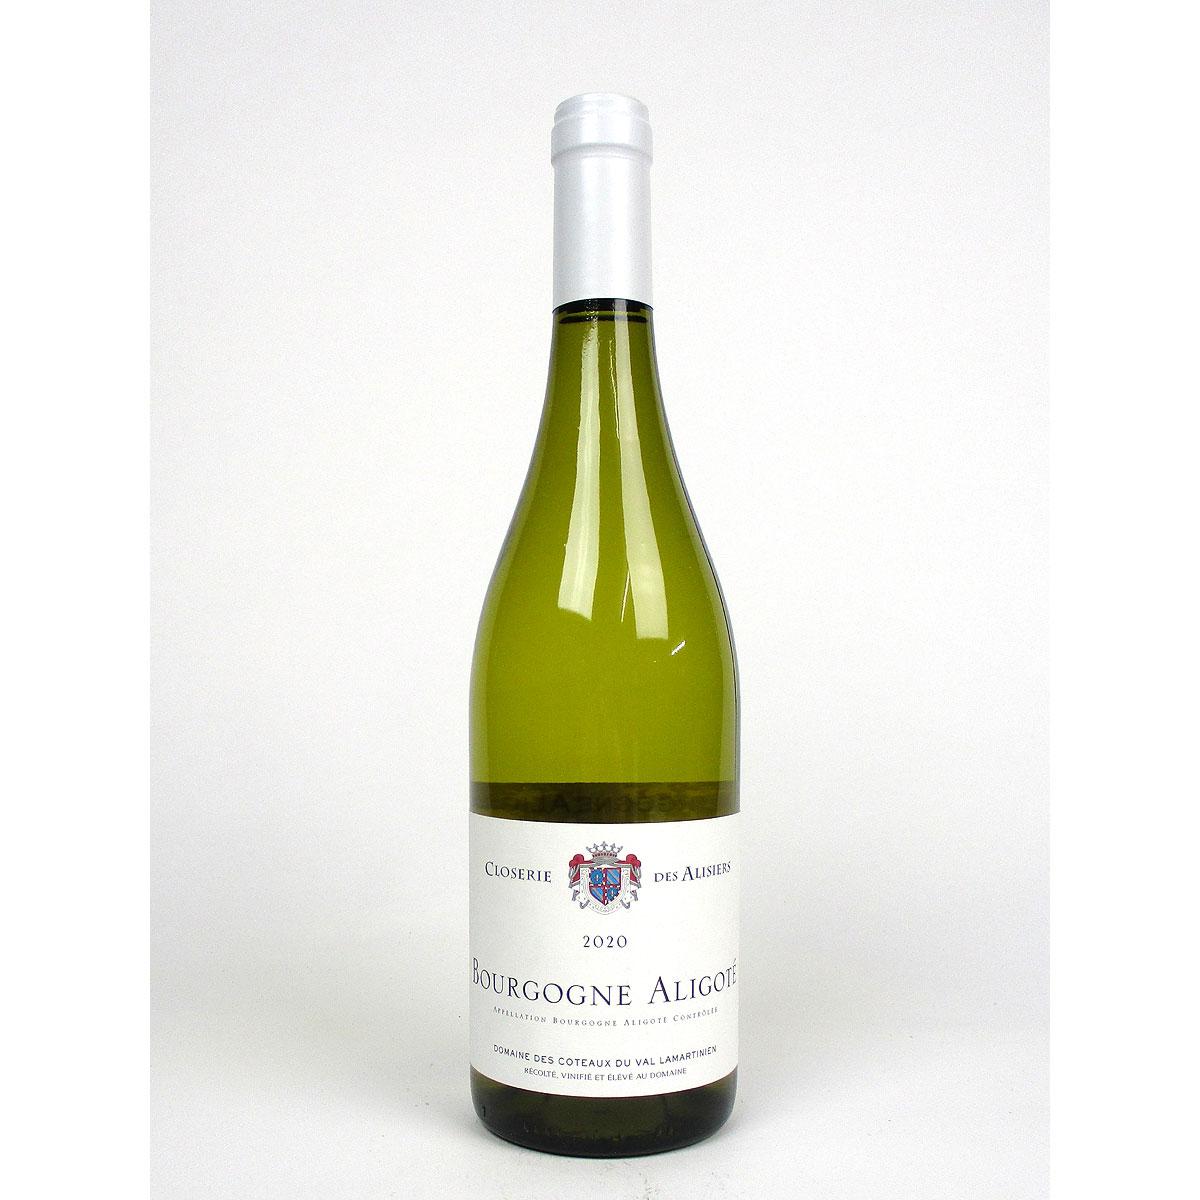 Bourgogne Aligoté: Closerie des Alisiers 2020 - Bottle